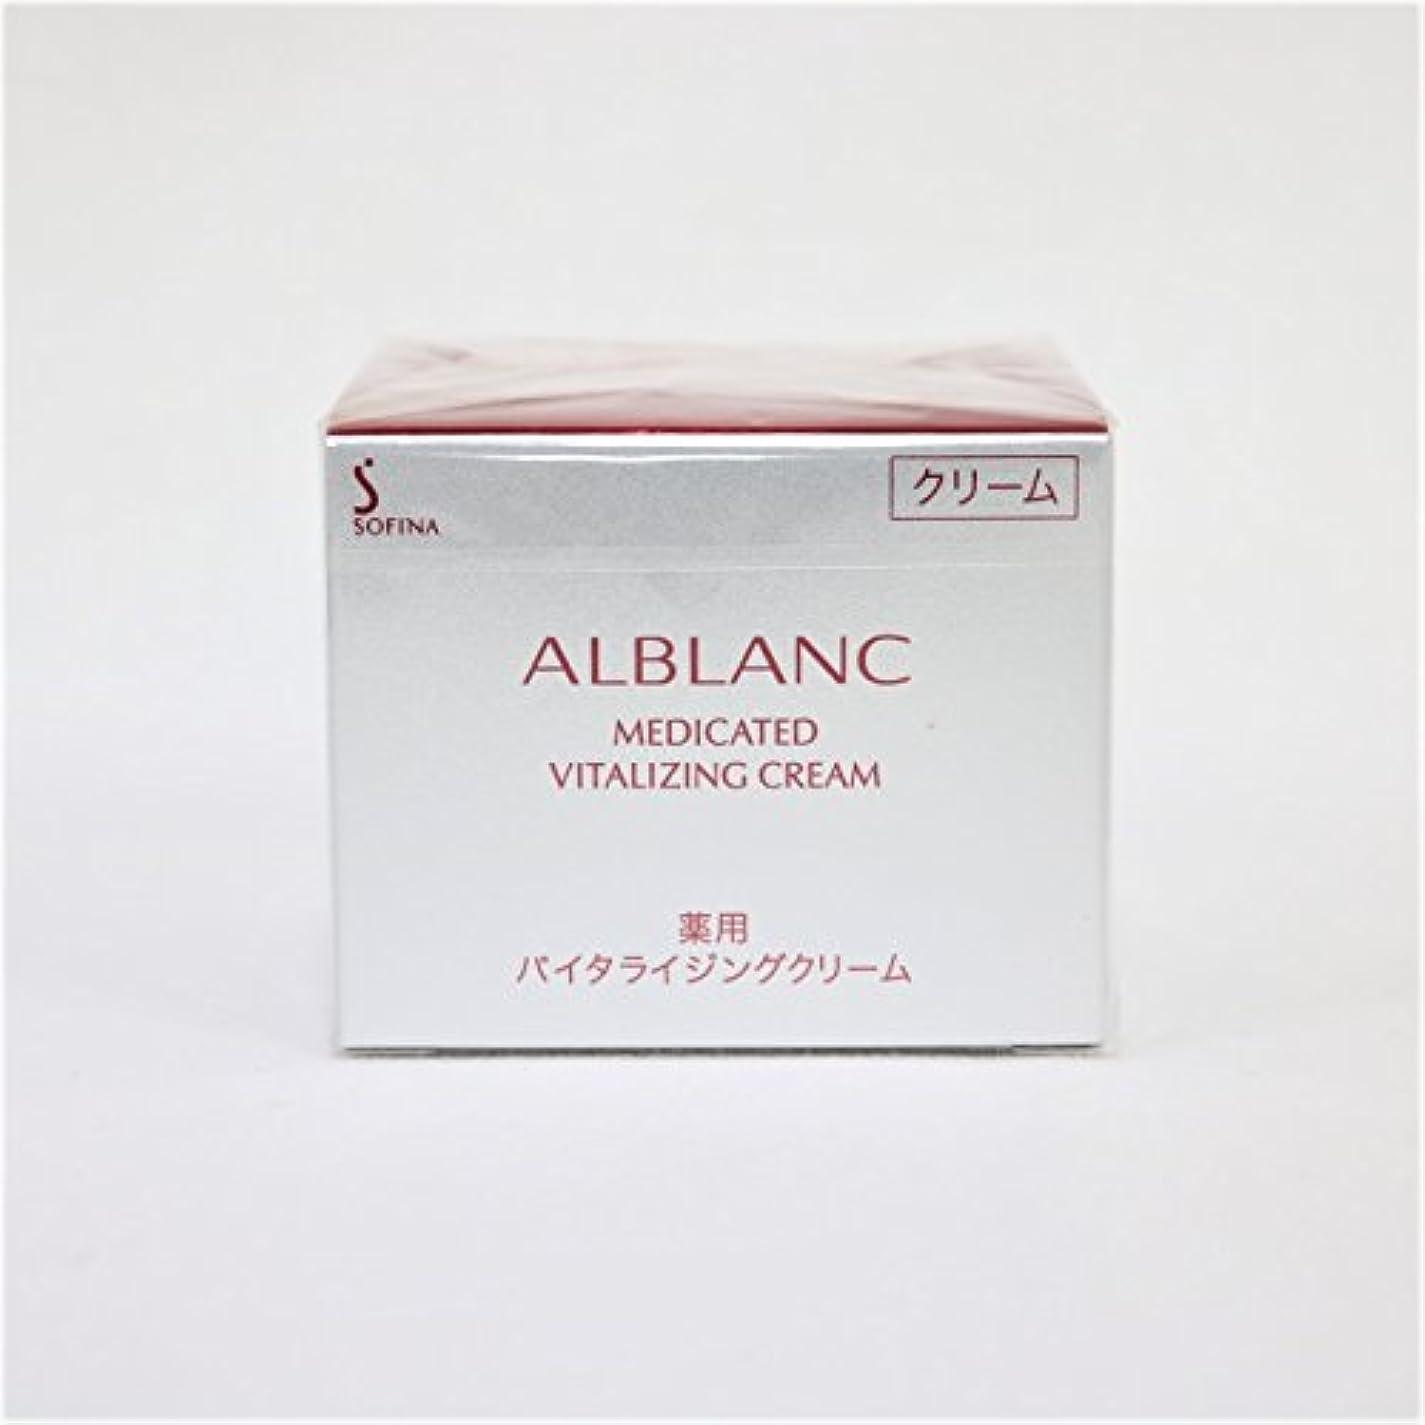 マグ見せますタイピストソフィーナ アルブラン 薬用バイタライジングクリーム 40g